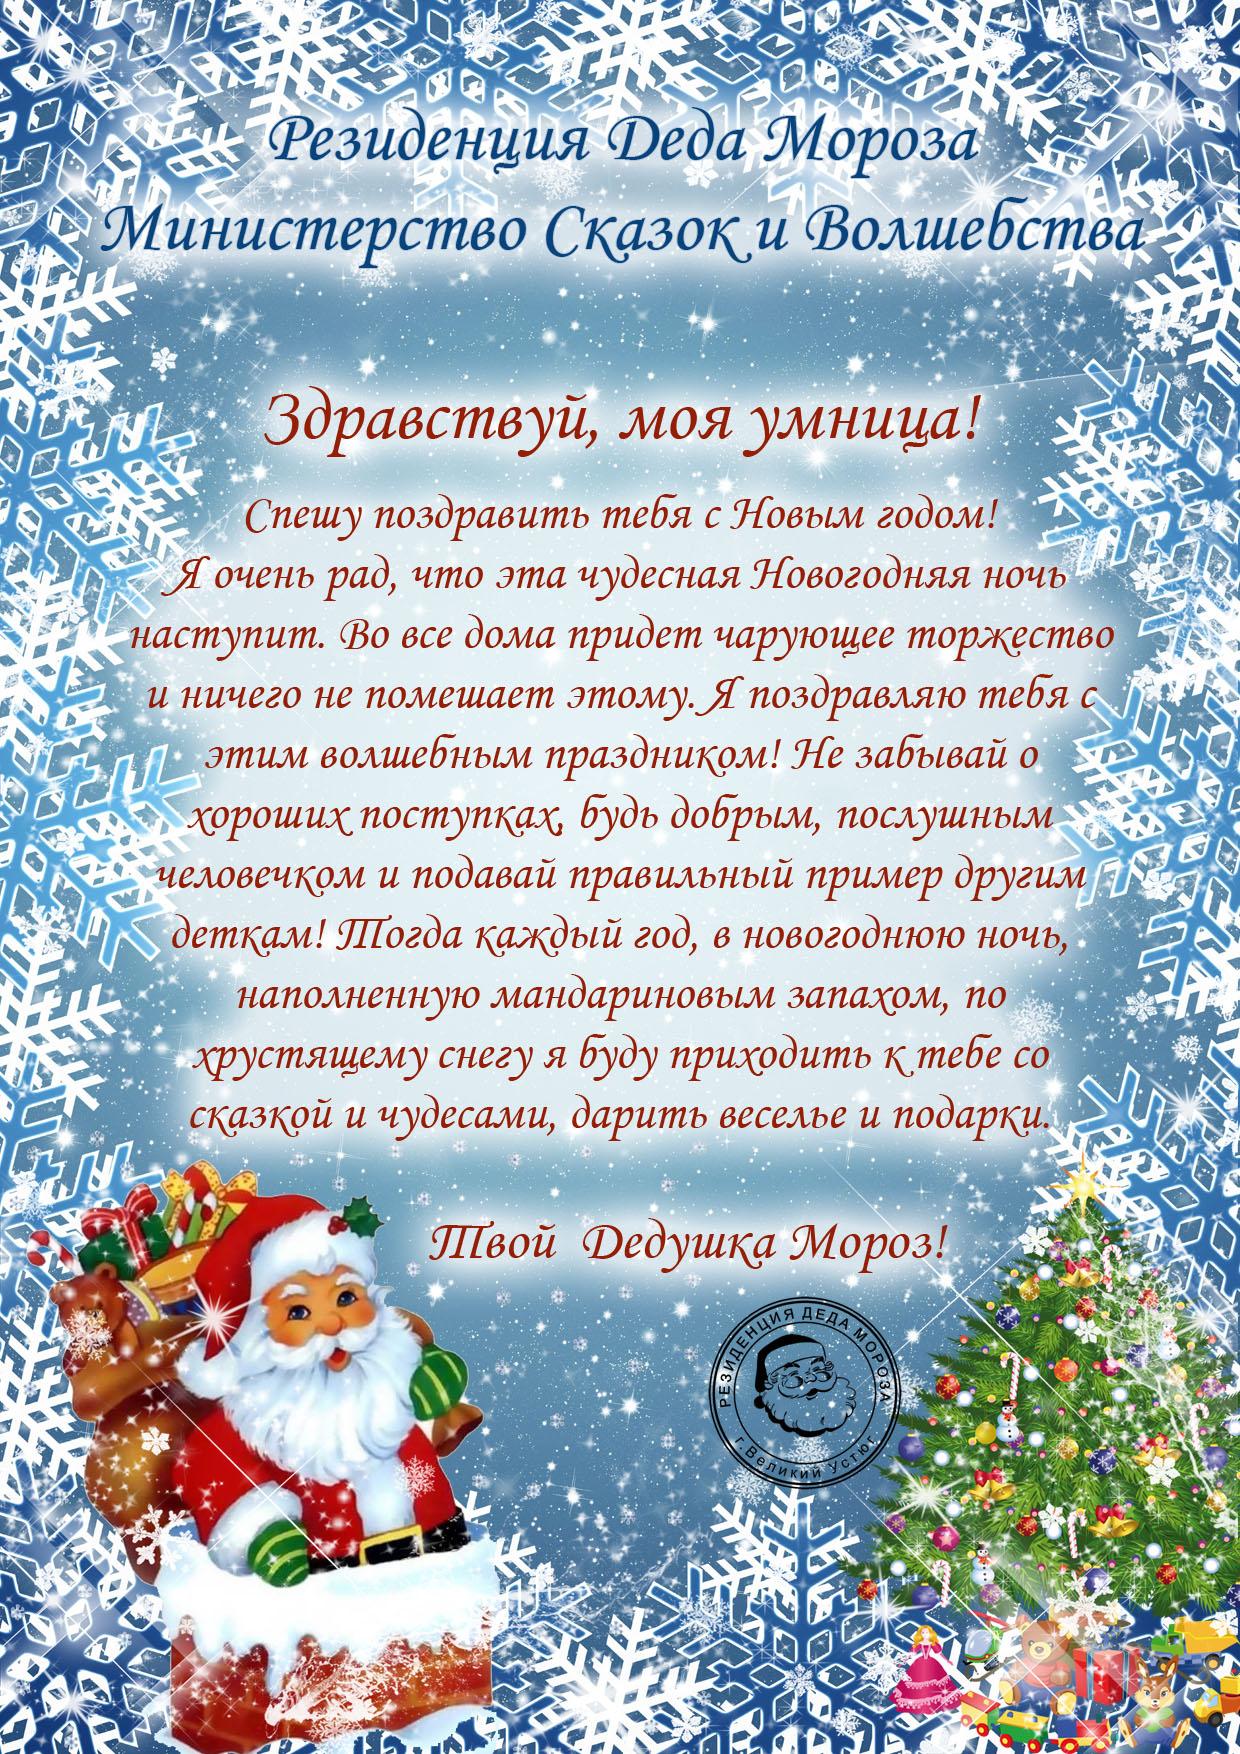 Новогодние подарки из интернет-магазина dmoroz 83